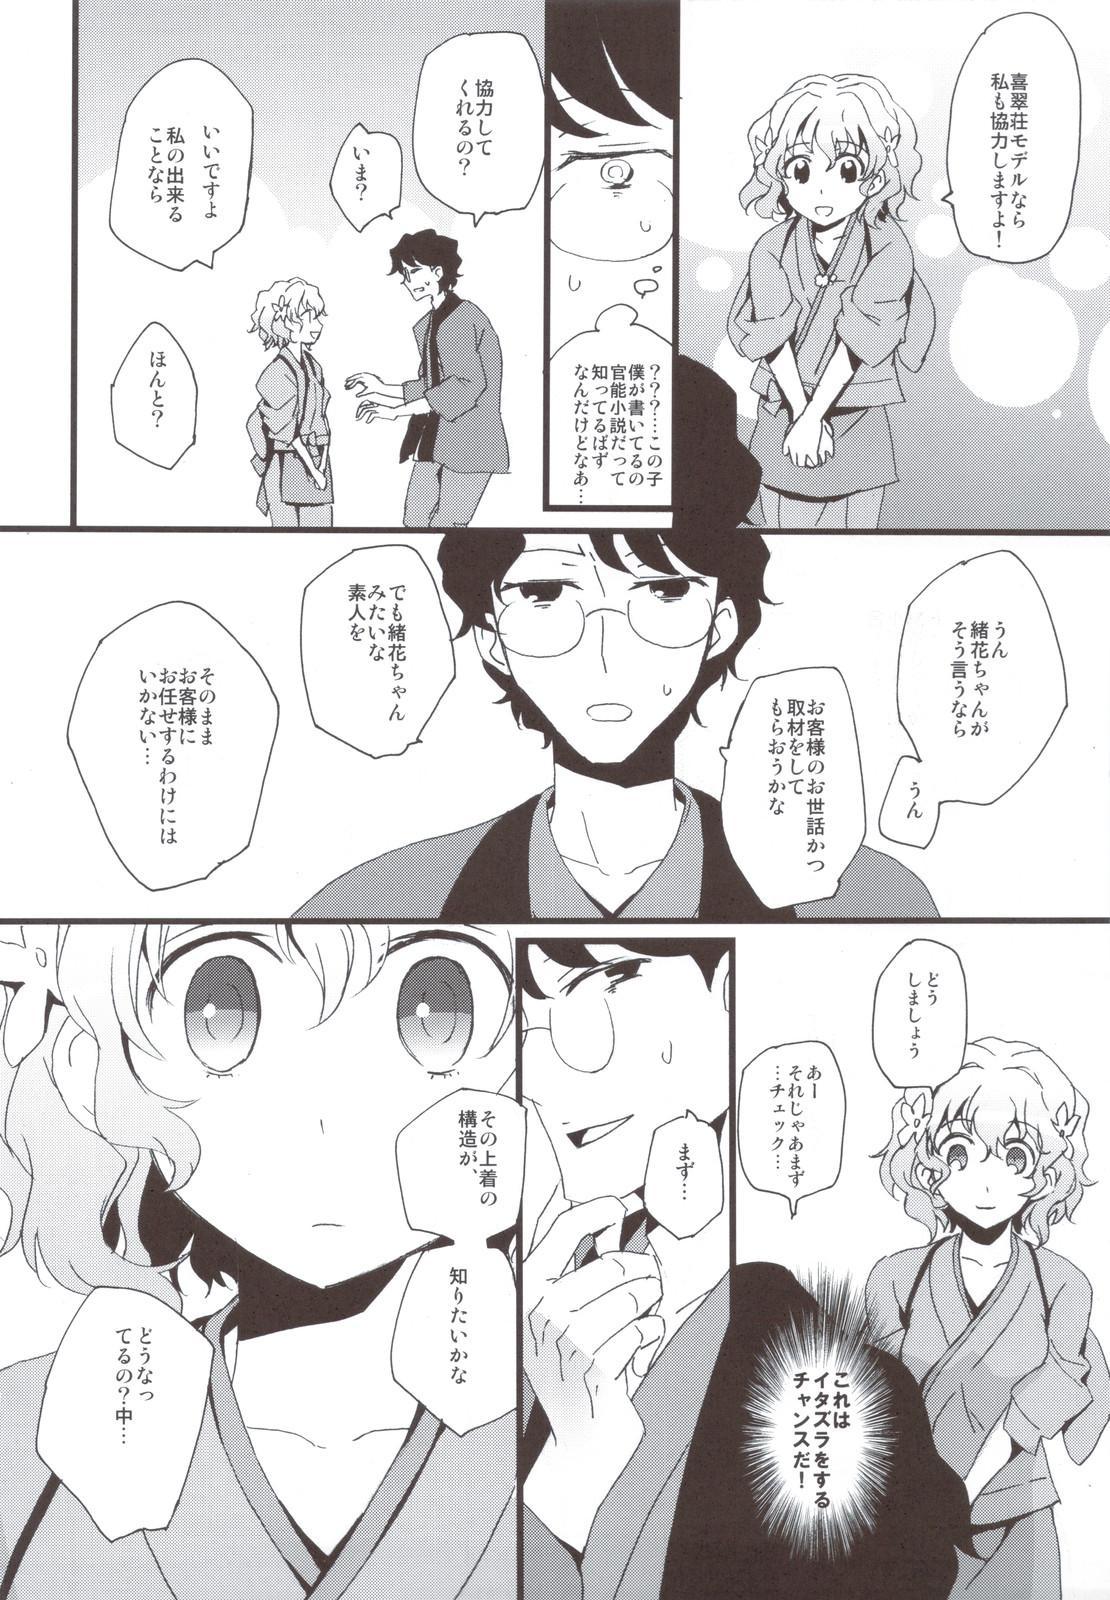 Ohana no Iroha 7